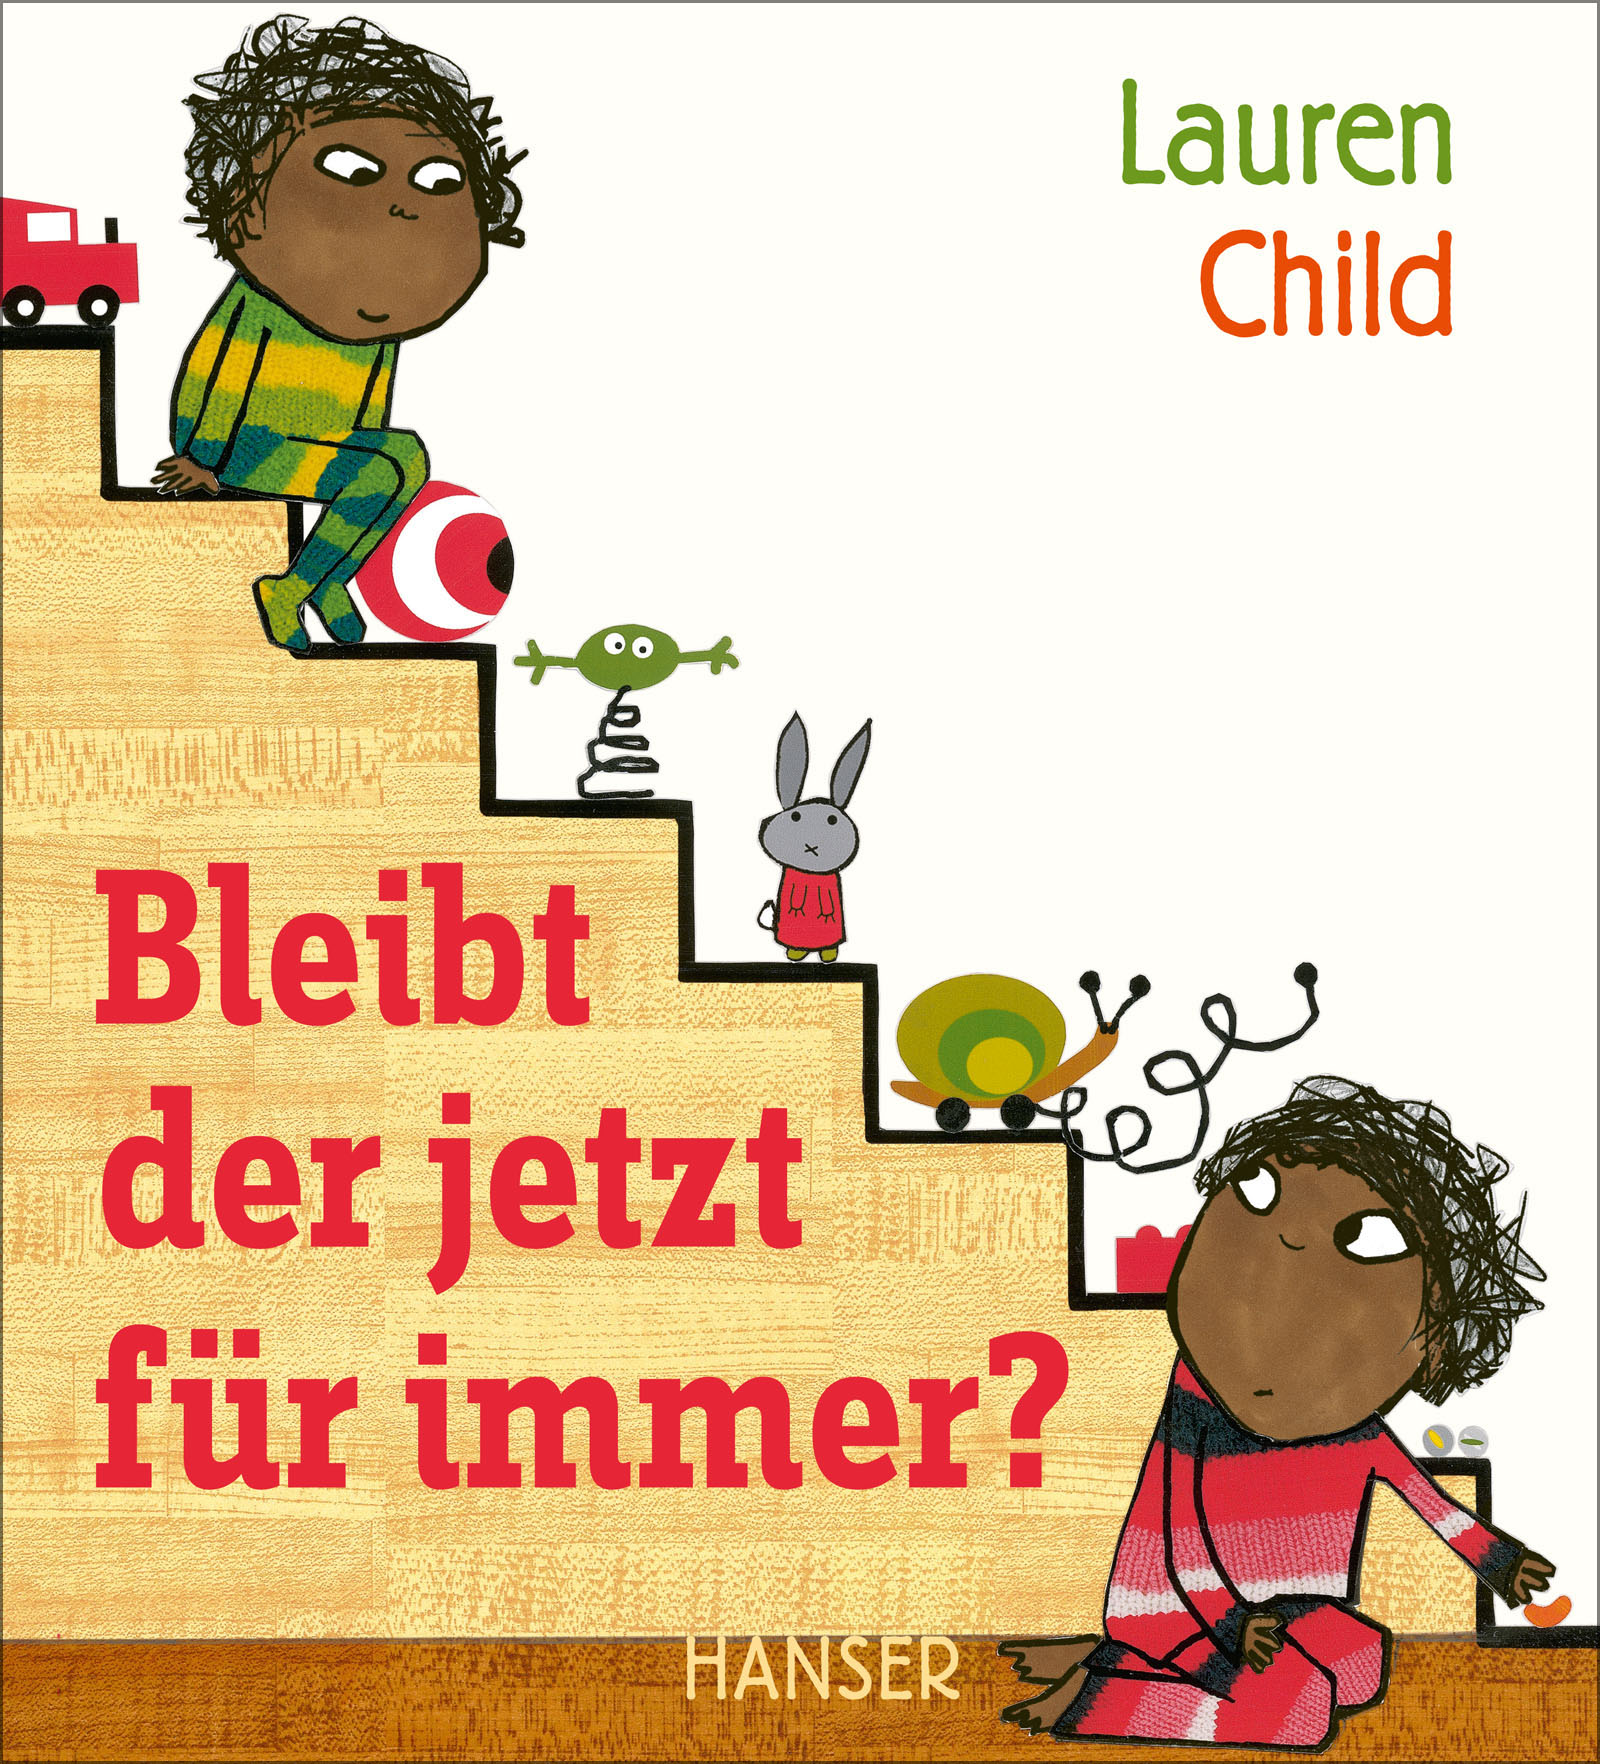 Lauren Child, Hanser, Bilderbuch, neues Geschwisterkind, Diversity, Diversität, Vielfalt, Vorurteile, Toleranz